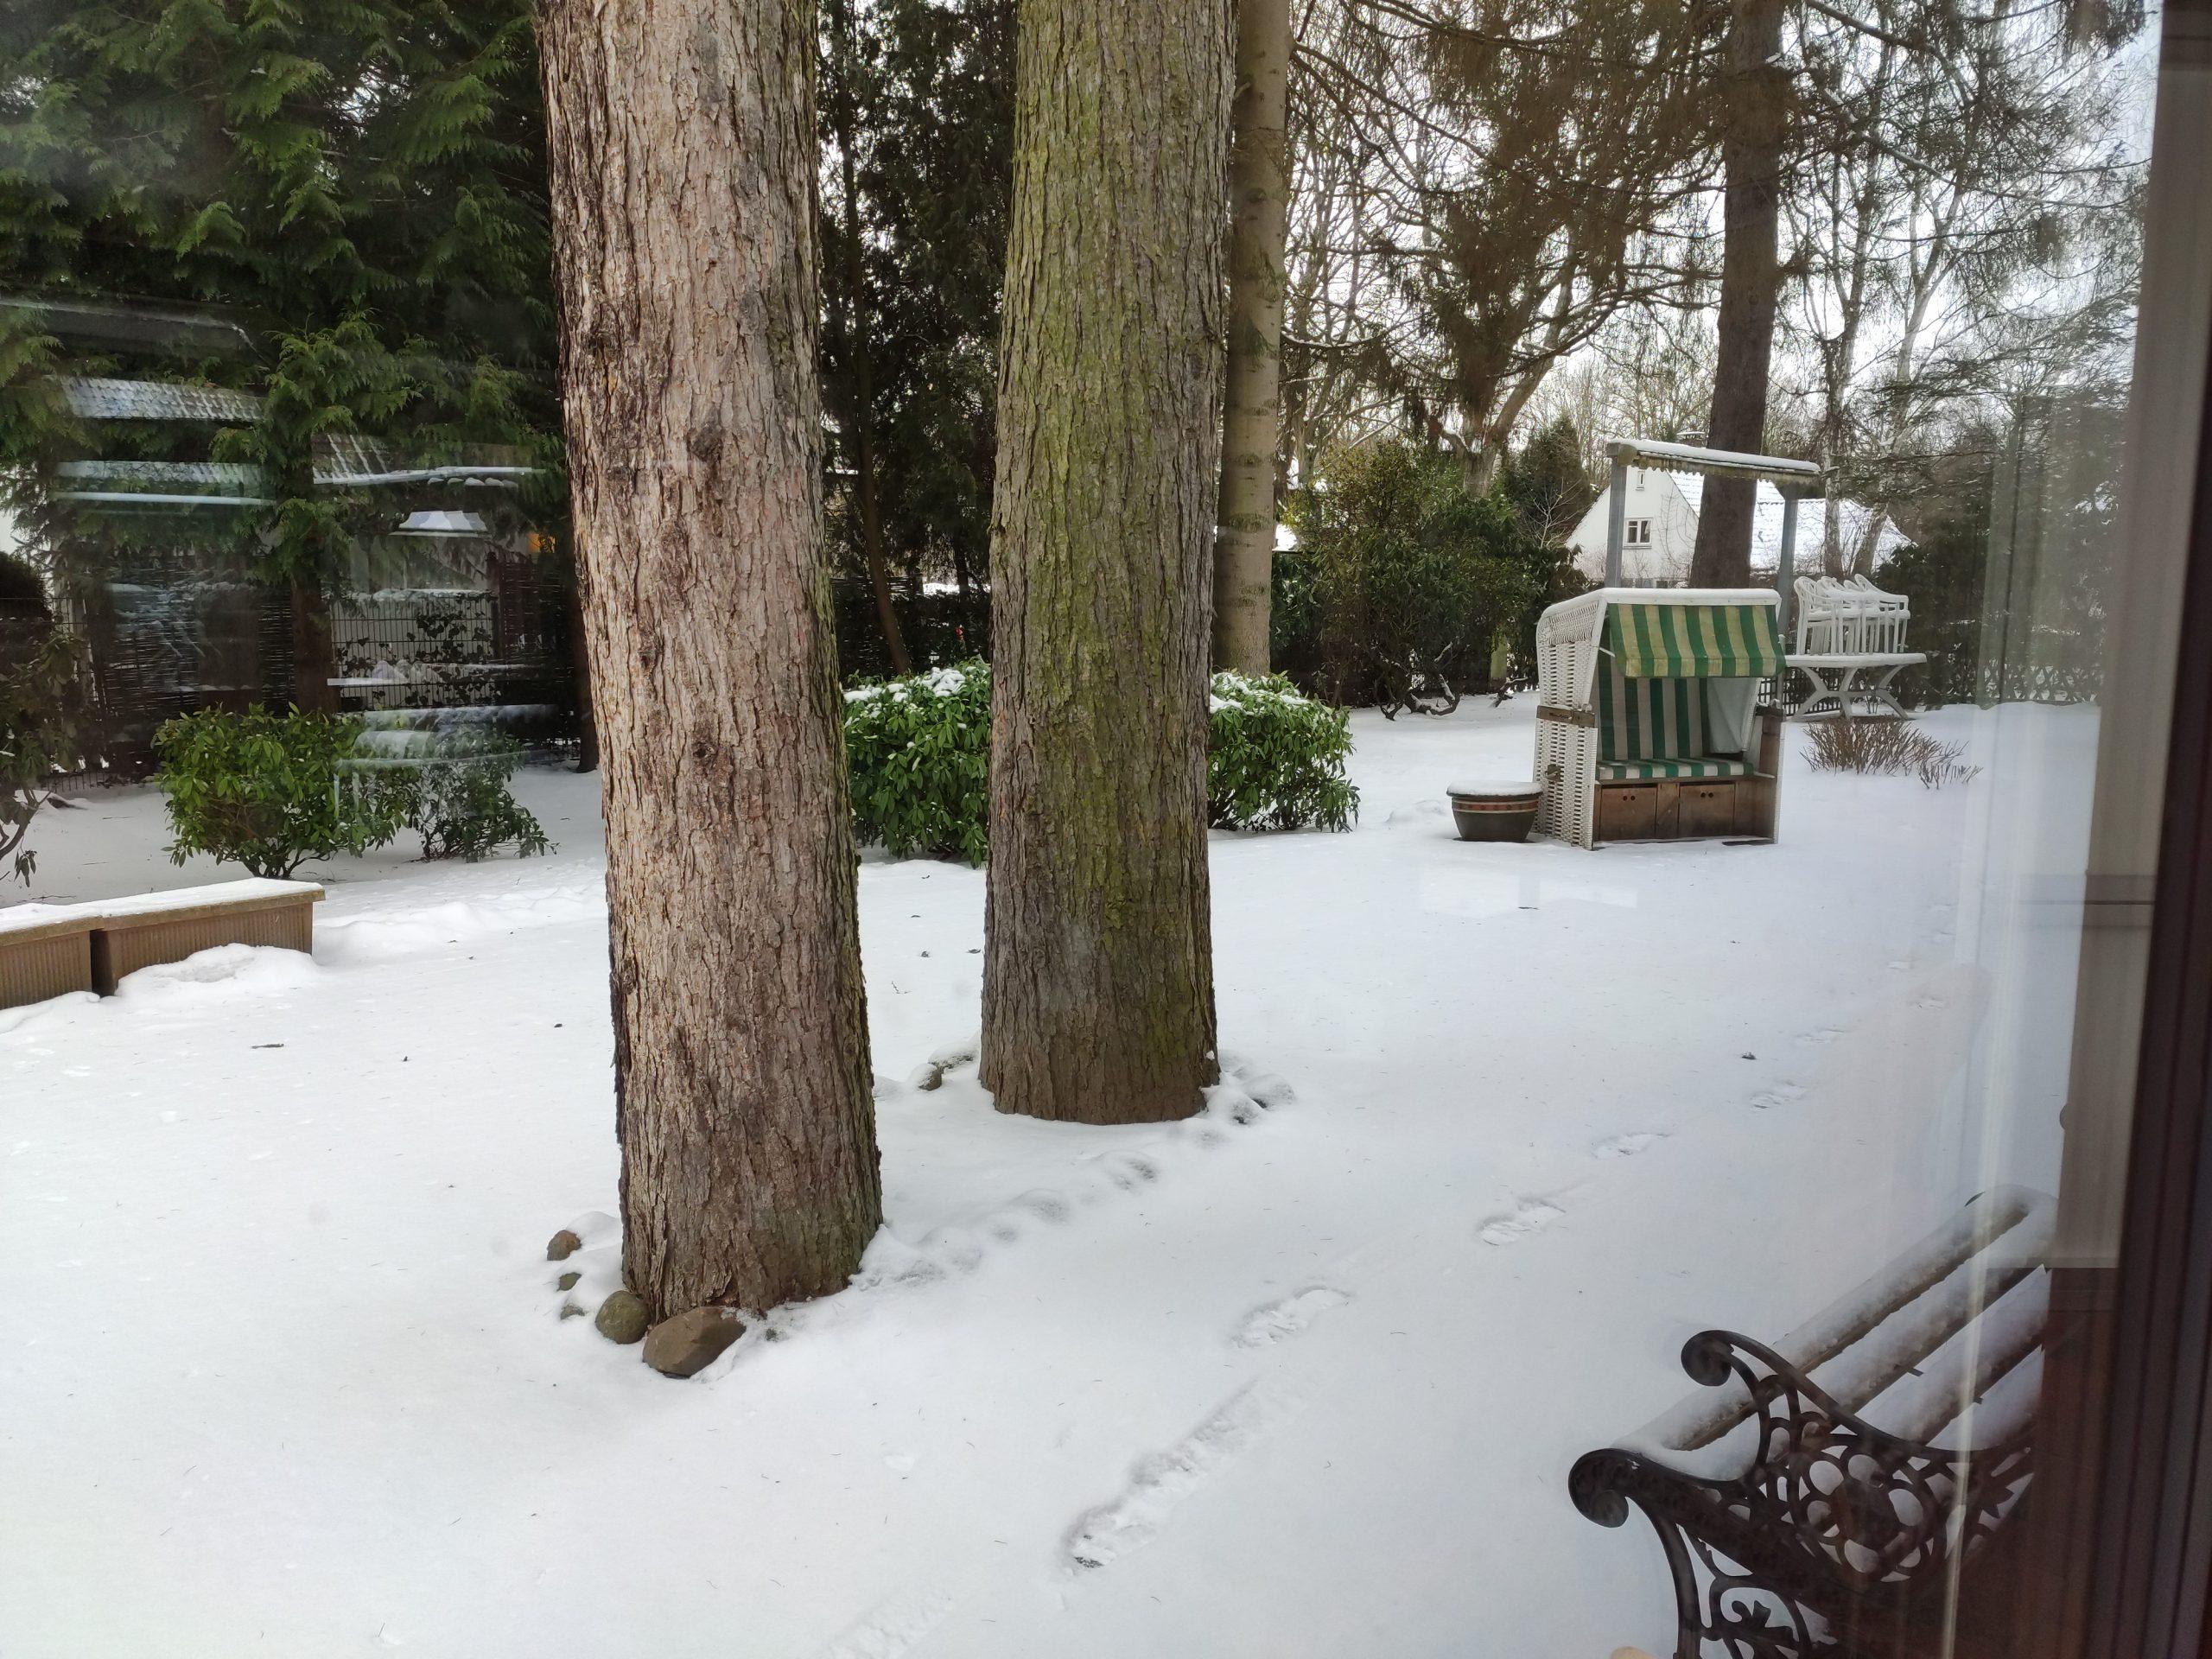 Der Blick in den zugeschneiten Garten